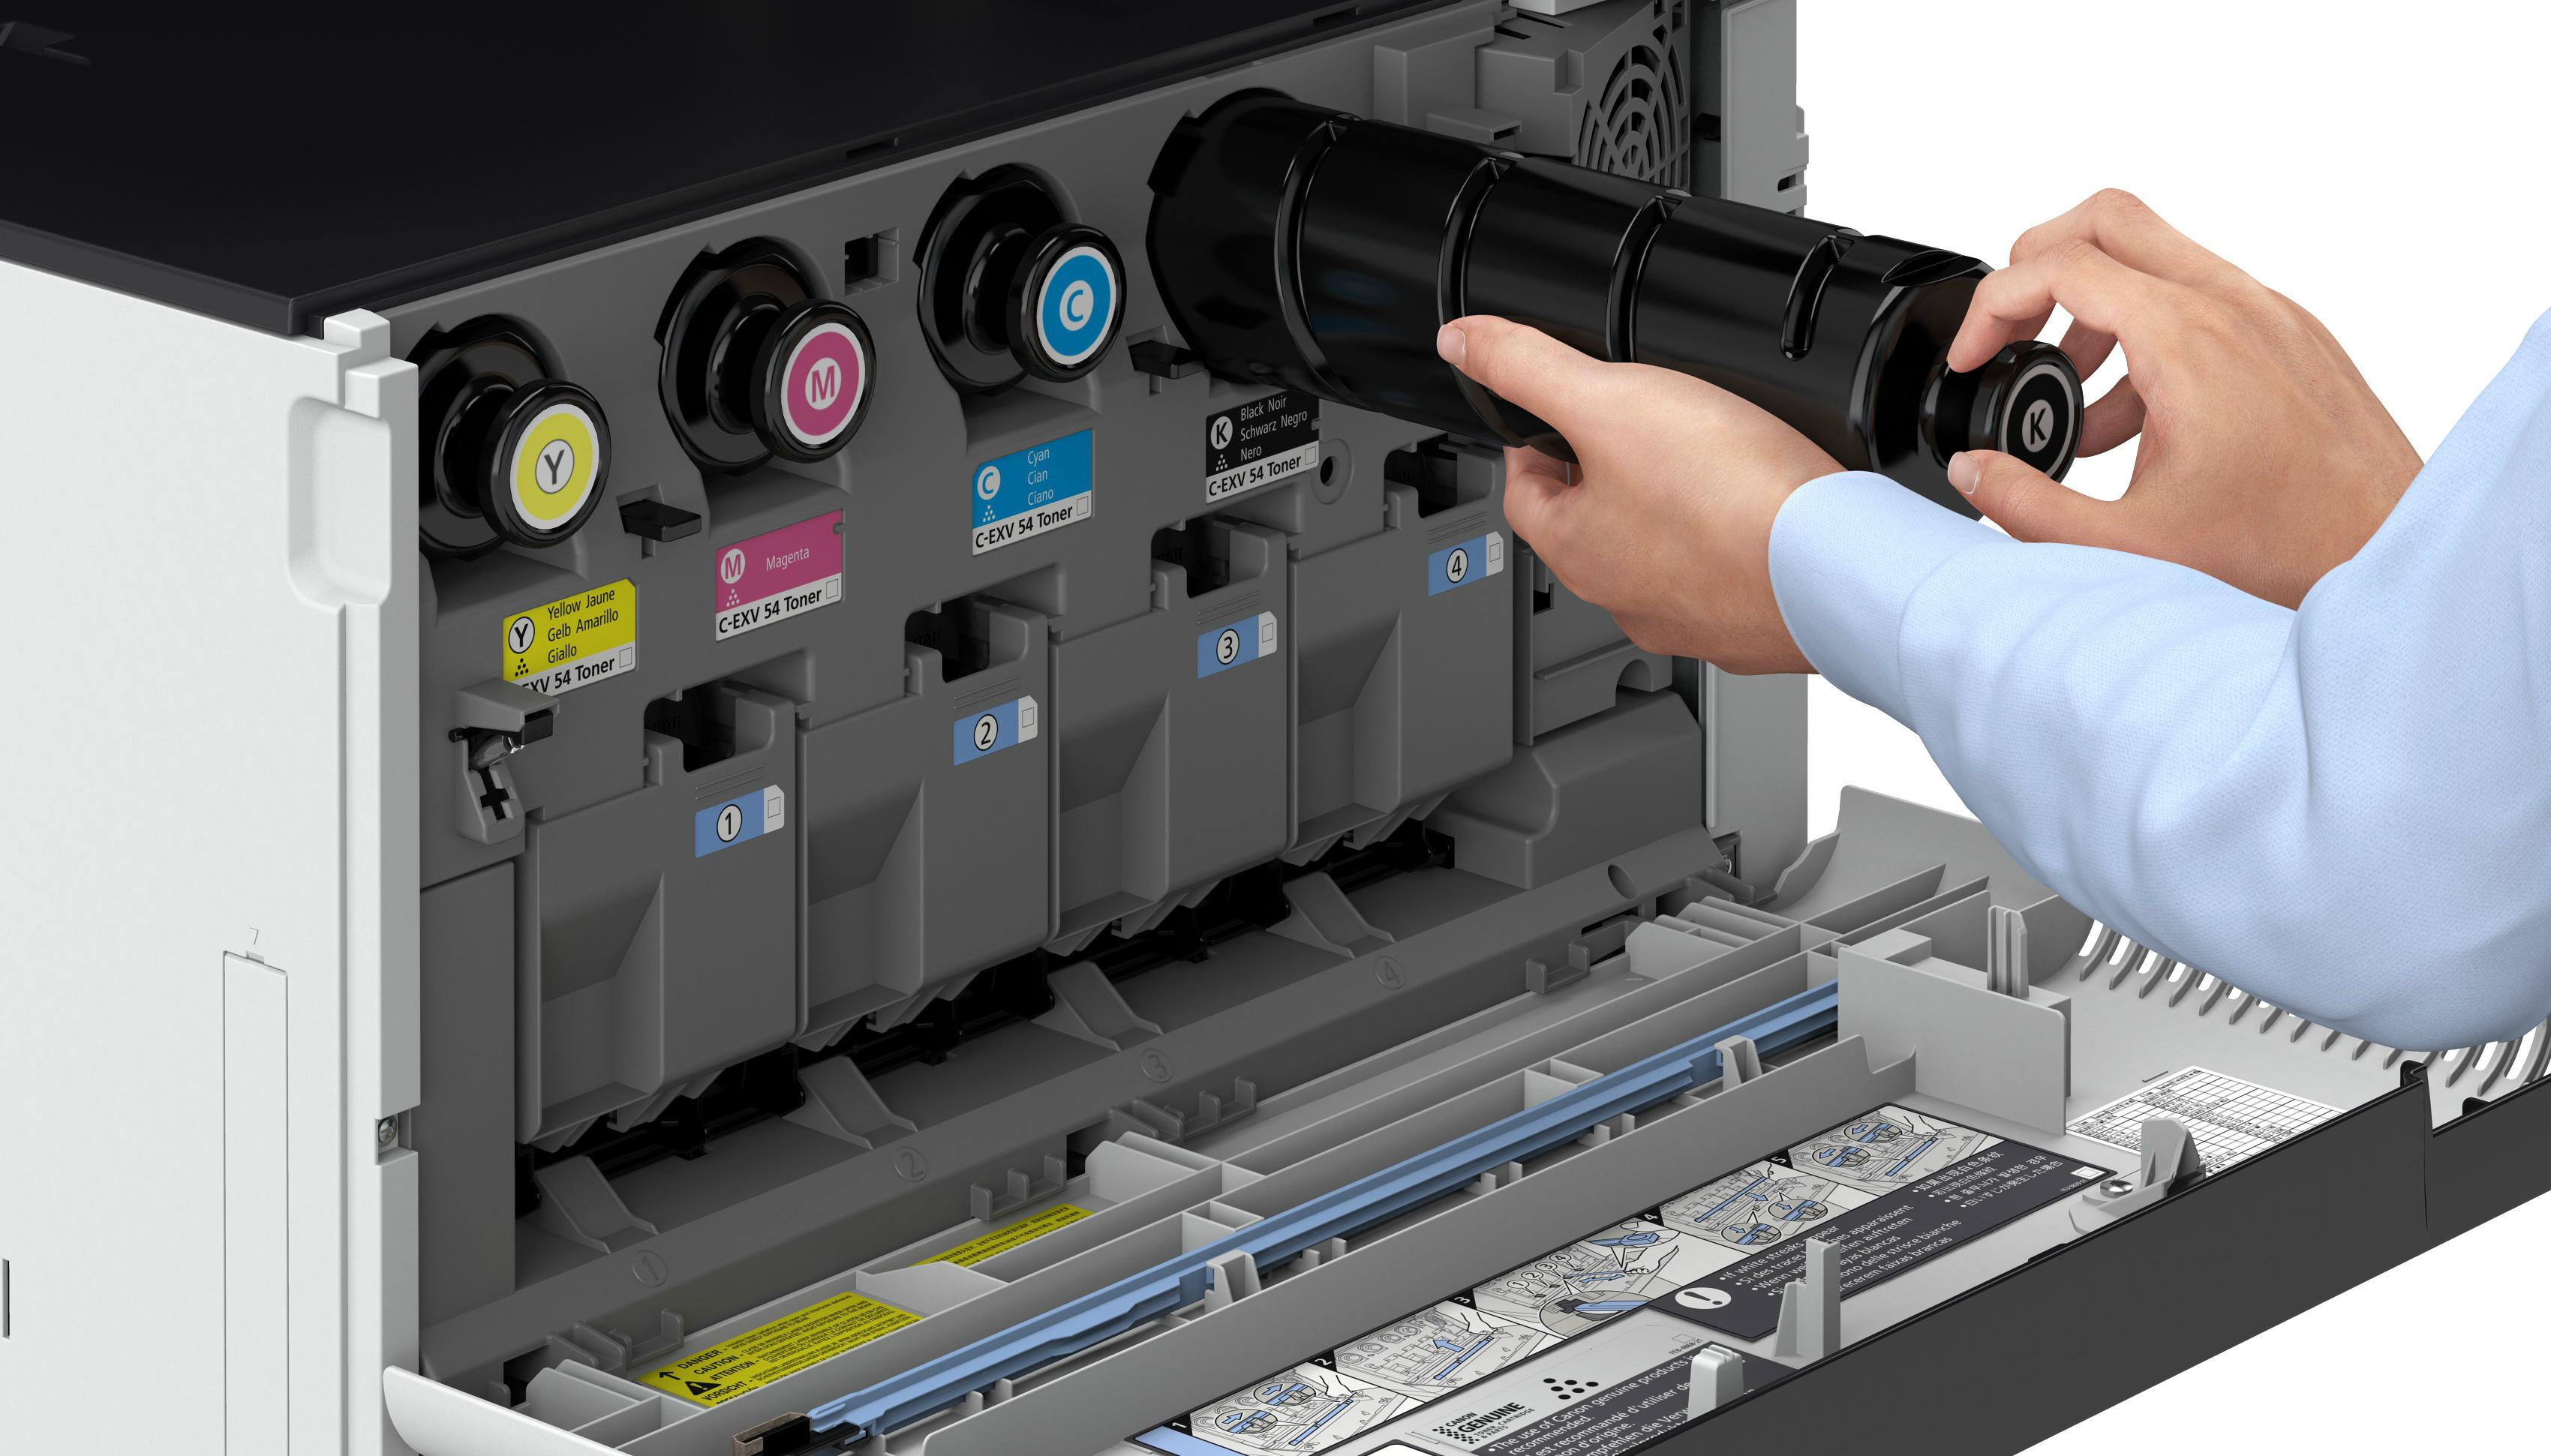 Canon imageRUNNER ADVANCE C3320i. Оптимизация документооборота